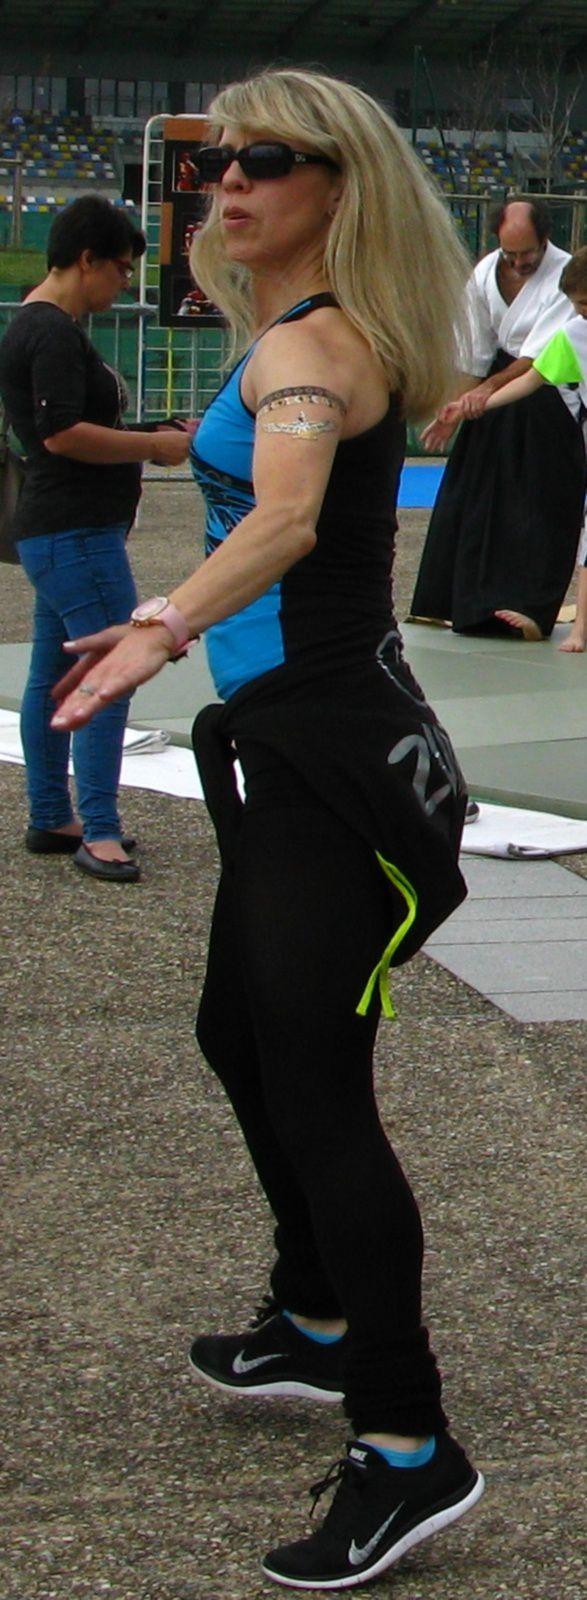 Séance de gym tonique devant le centre aqualudique